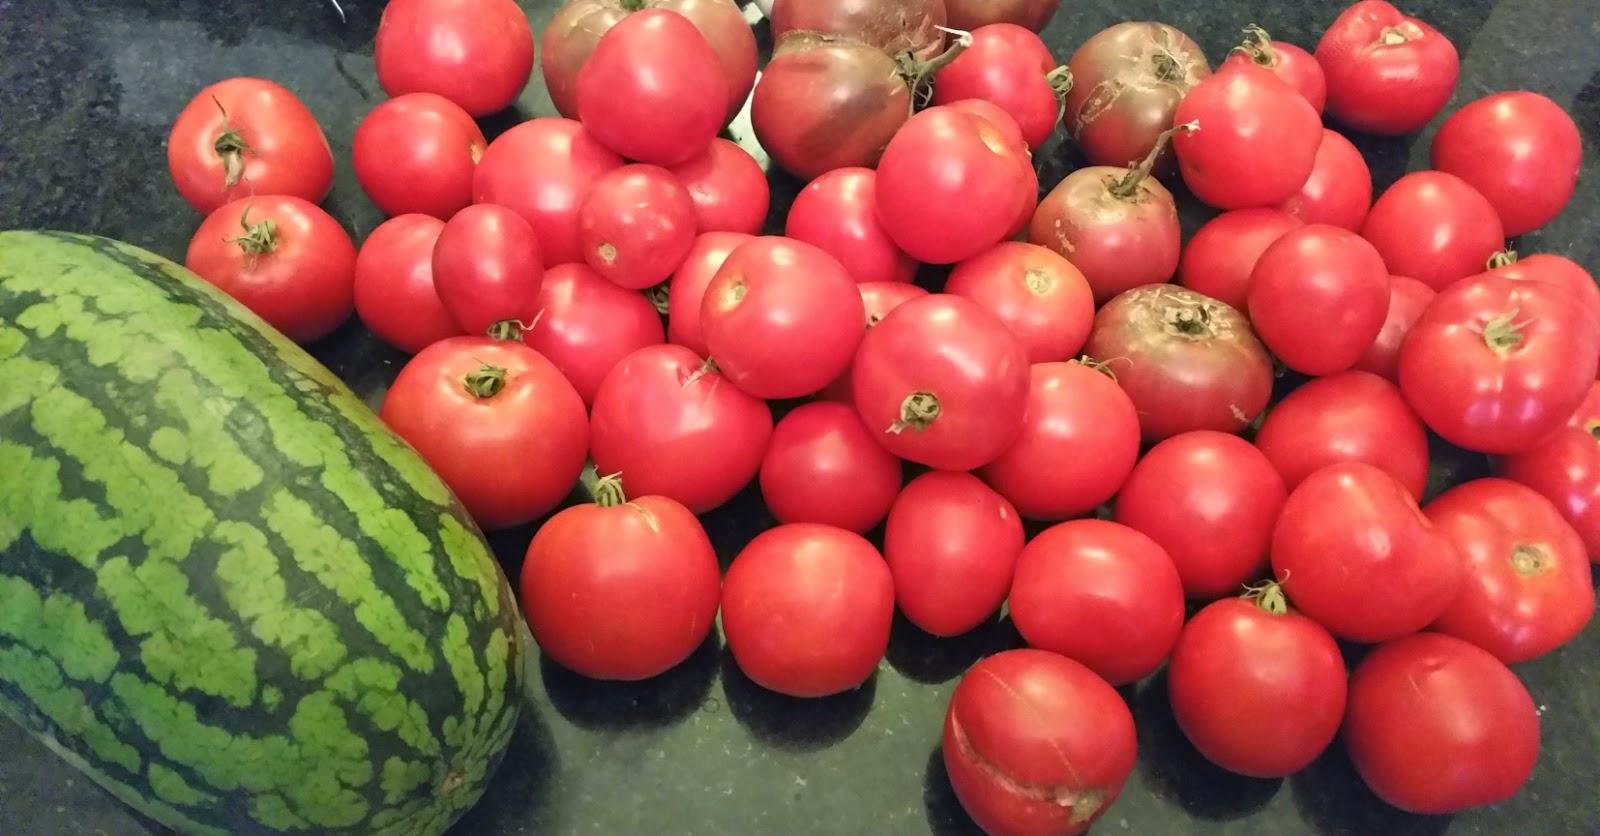 Bobcat tomato: a tall tomato variety